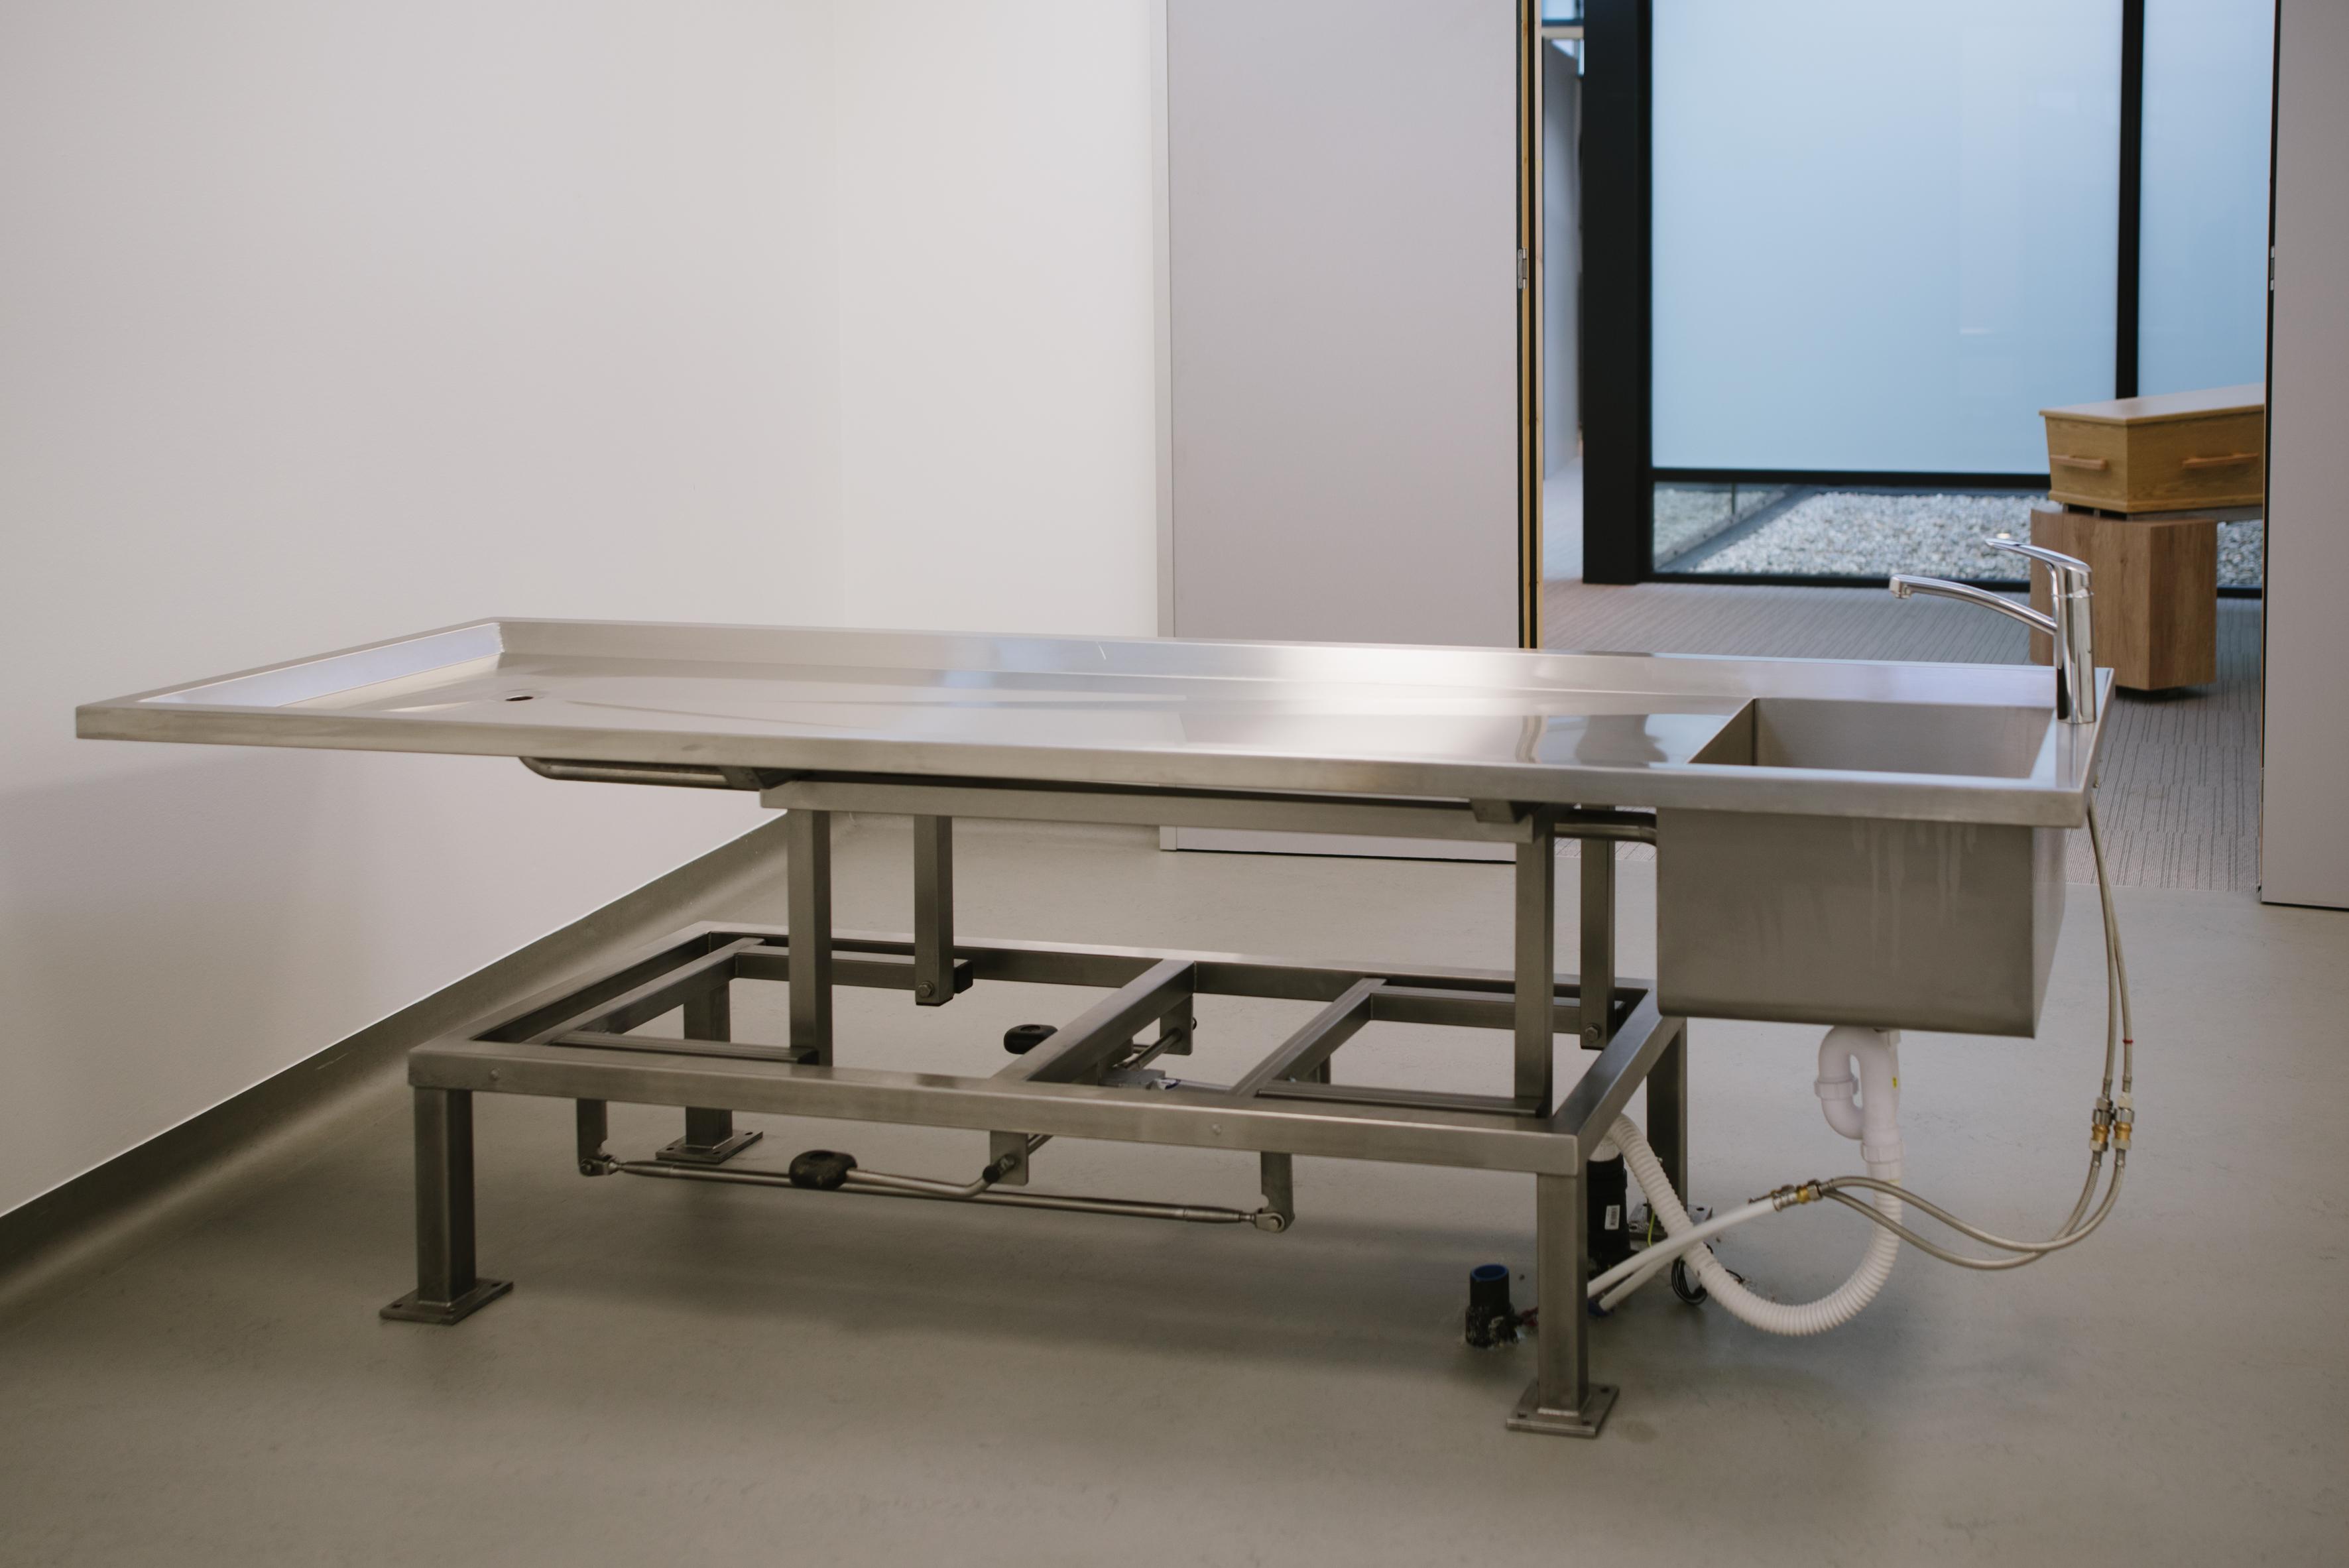 Opening Mortuarium Schiphol (3)